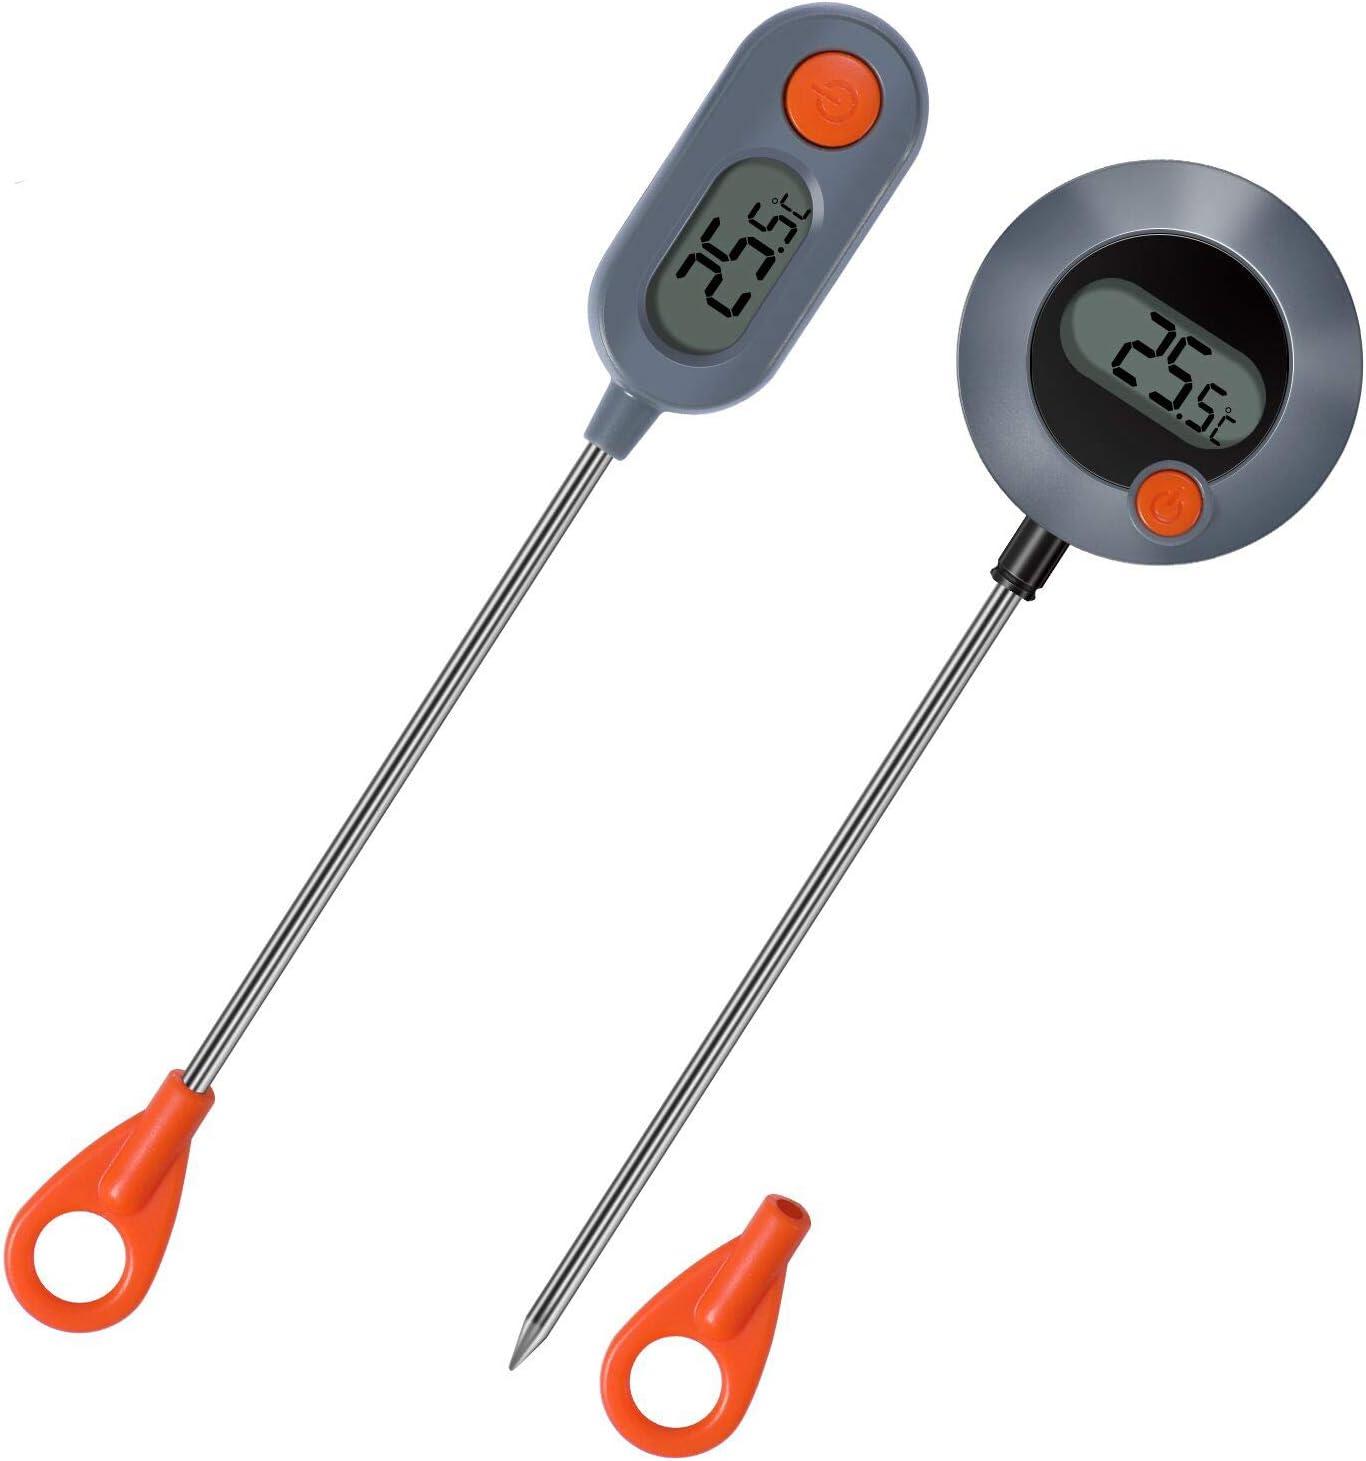 Termometro Cocina Digital,(2Pack)Termometro Cocina con Sonda Larga Cocina Digital de Carne Thermometer, Lectura Instantánea en 2~4 Segundos para Cocinar Alimentos Líquidos Barbacoa Comida Leche